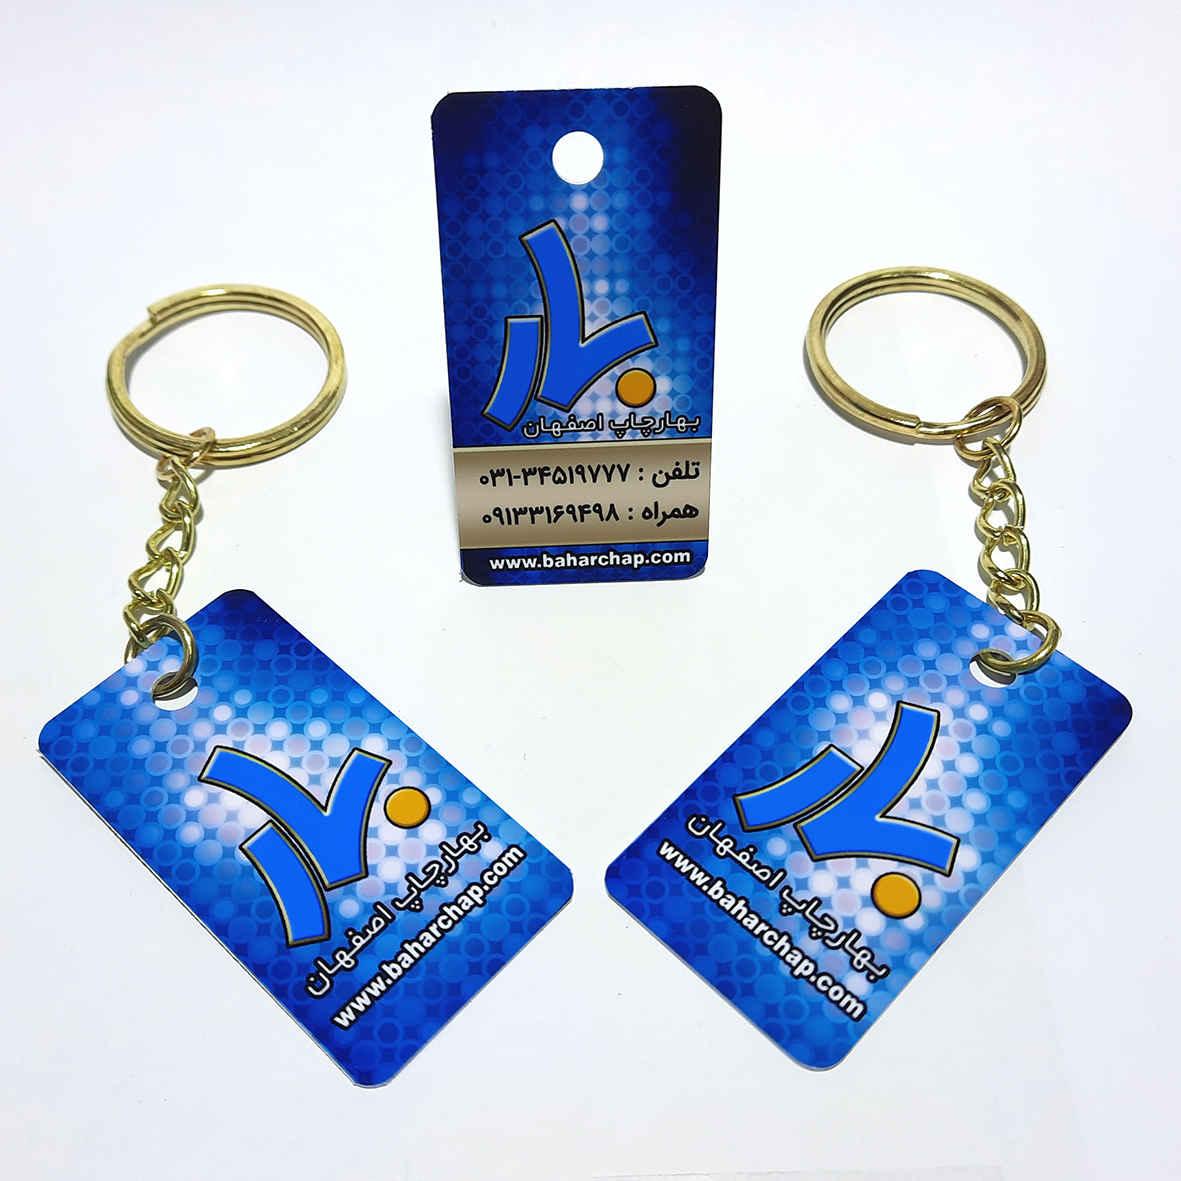 فروشگاه و خدمات اینترنتی بهارچاپ اصفهان-حلقه جا کلیدی رنگ طلایی (100 عددی)-golden keyring (100pcs)